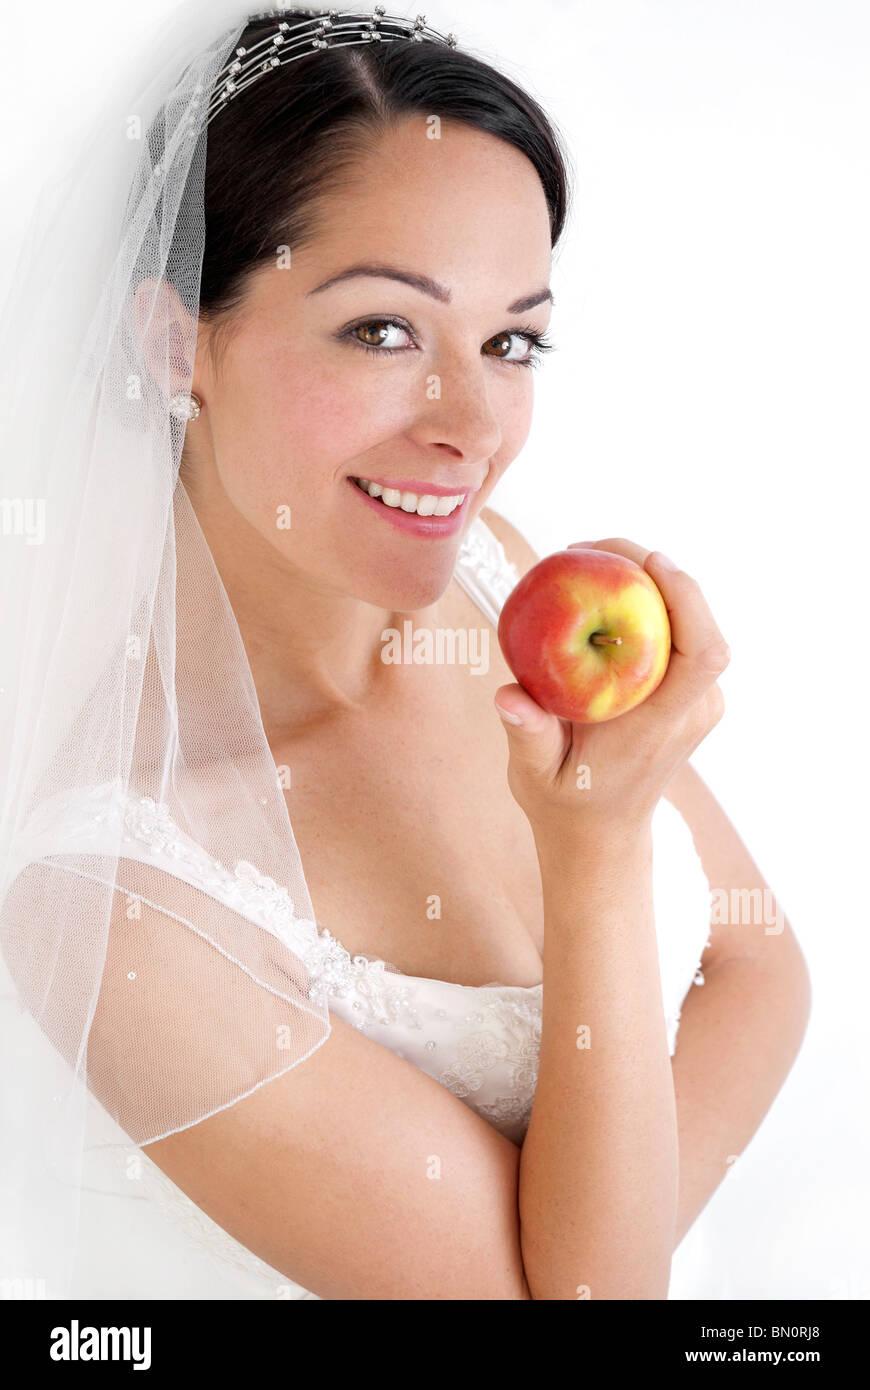 Régime alimentaire sain pour le grand jour Photo Stock